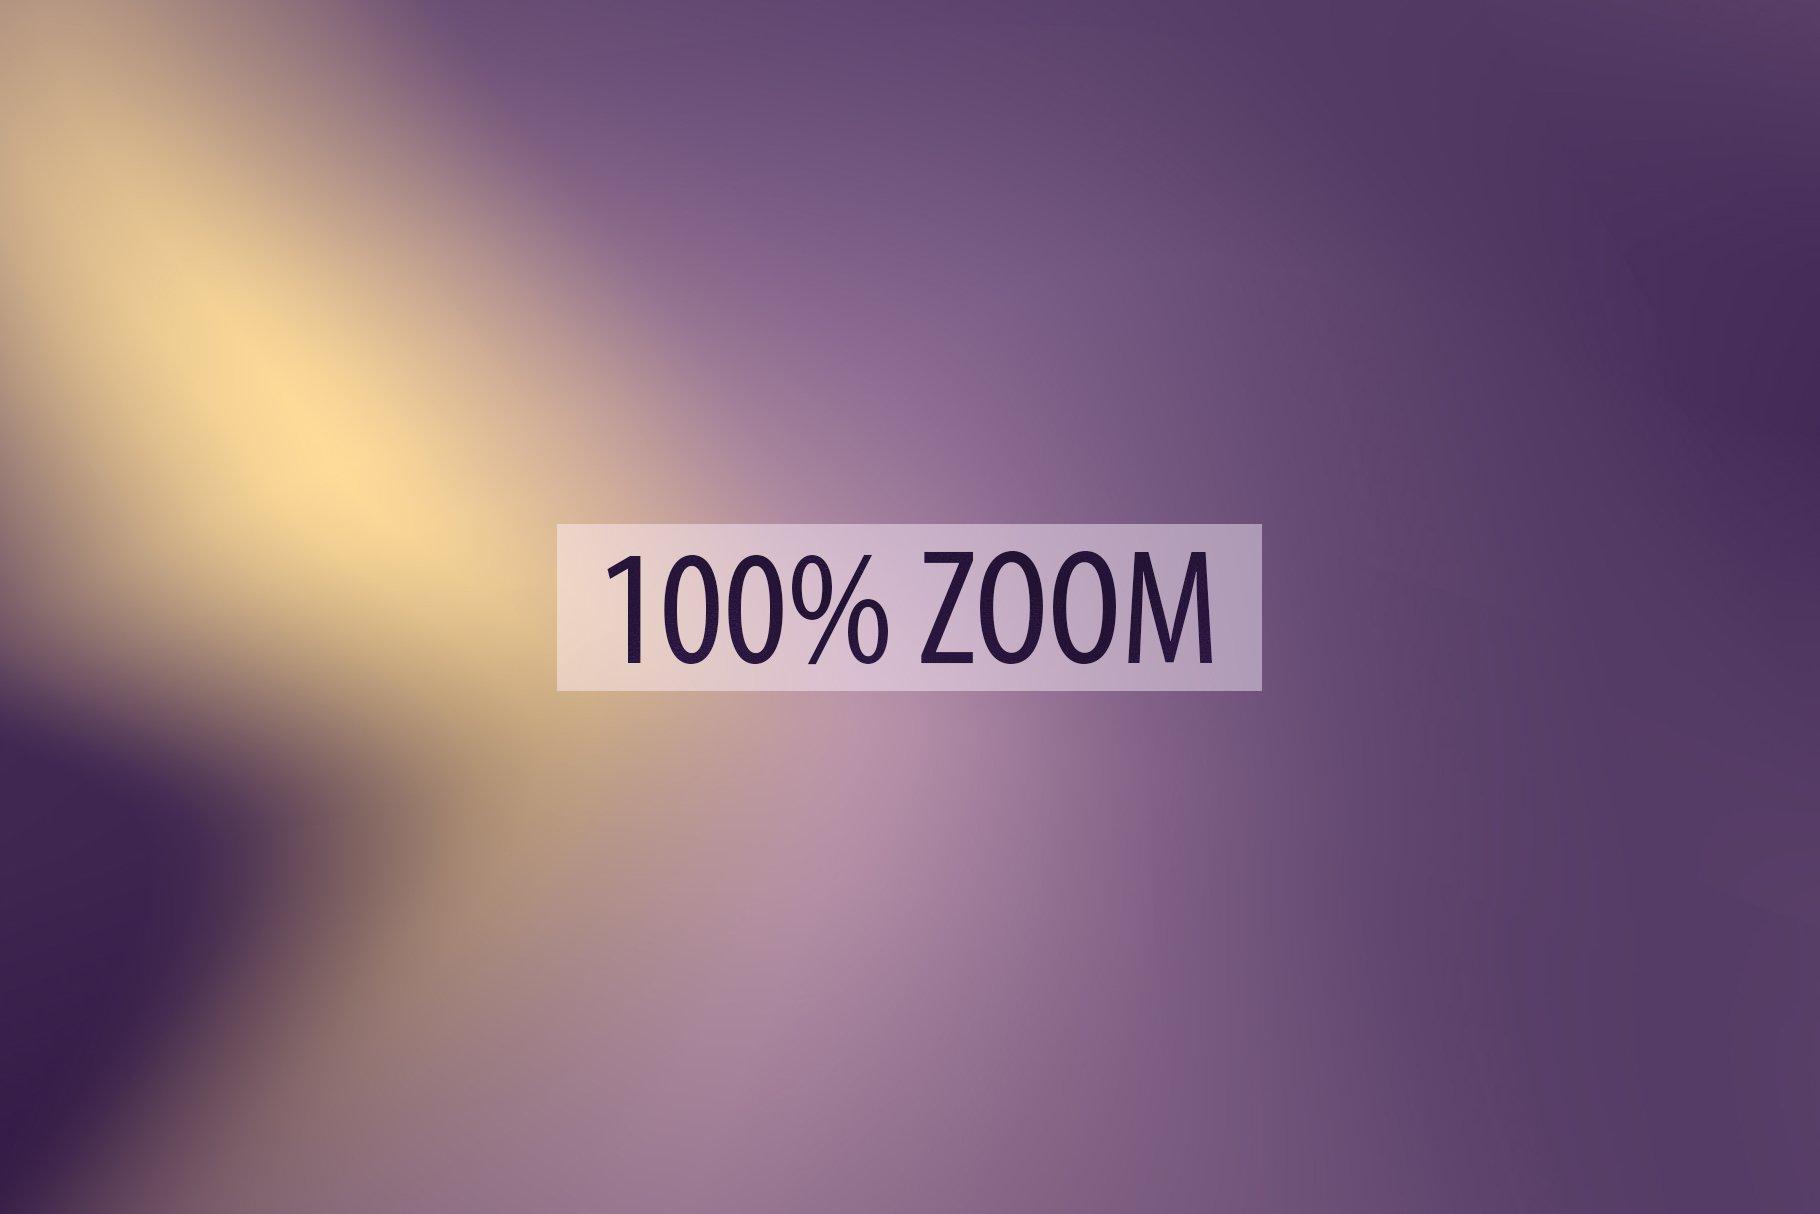 抽象紫色海军蓝绿色调丙烯酸油漆笔刷背景纹理图片素材 Brushstroke Textures Collection插图(6)